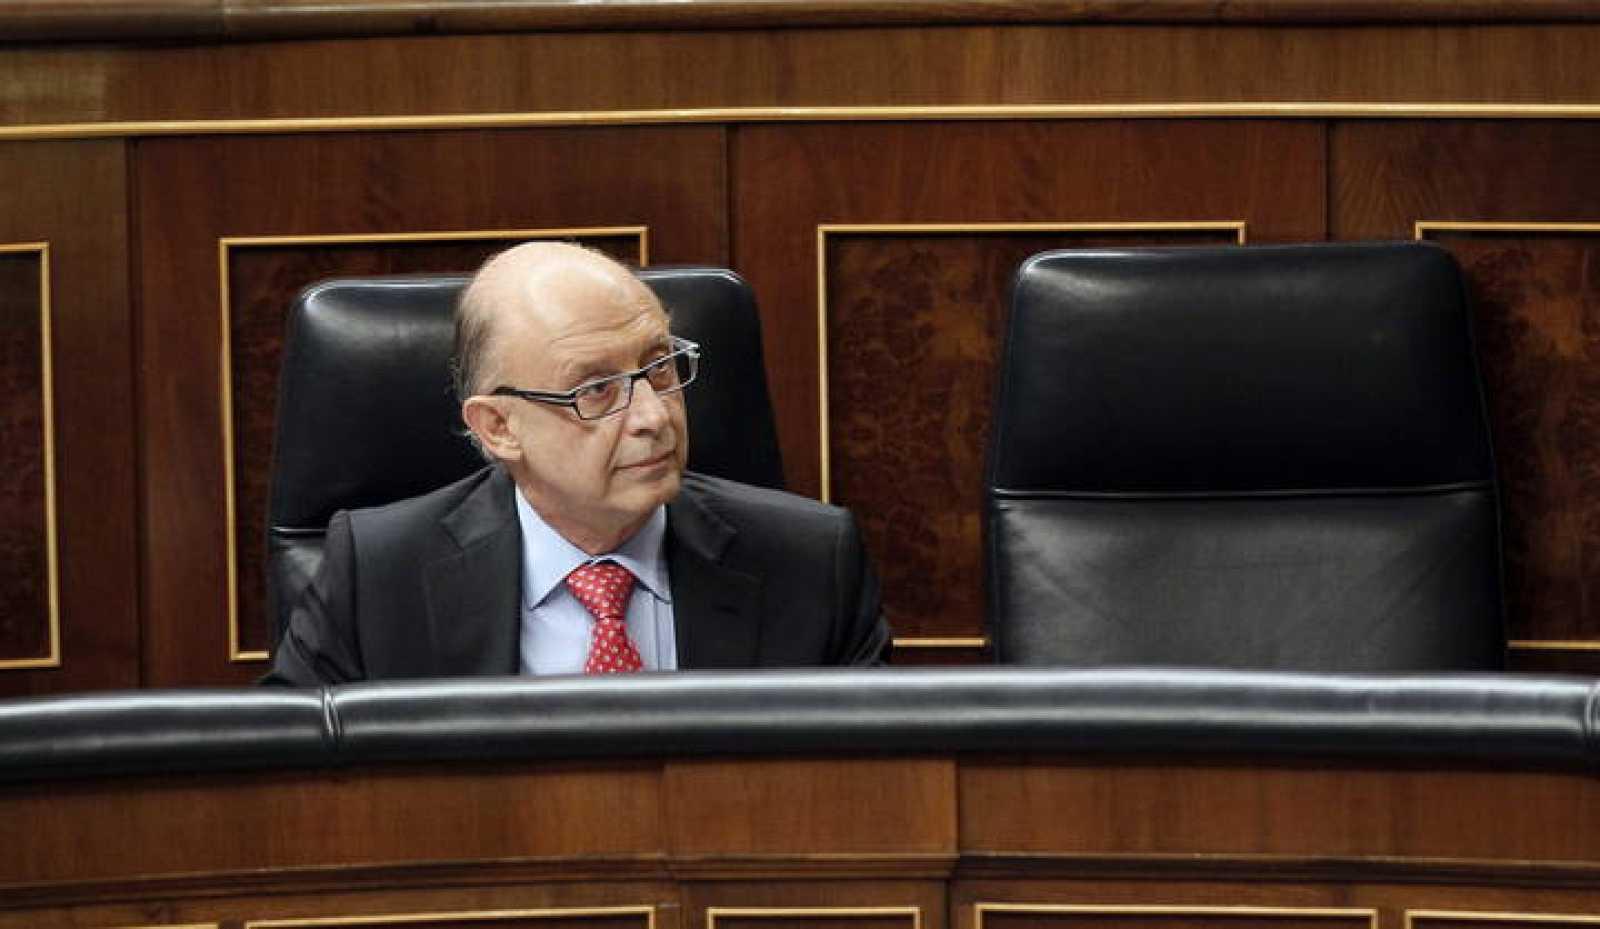 El ministro de Hacienda, Cristóbal Montoro, en su escaño del Congreso